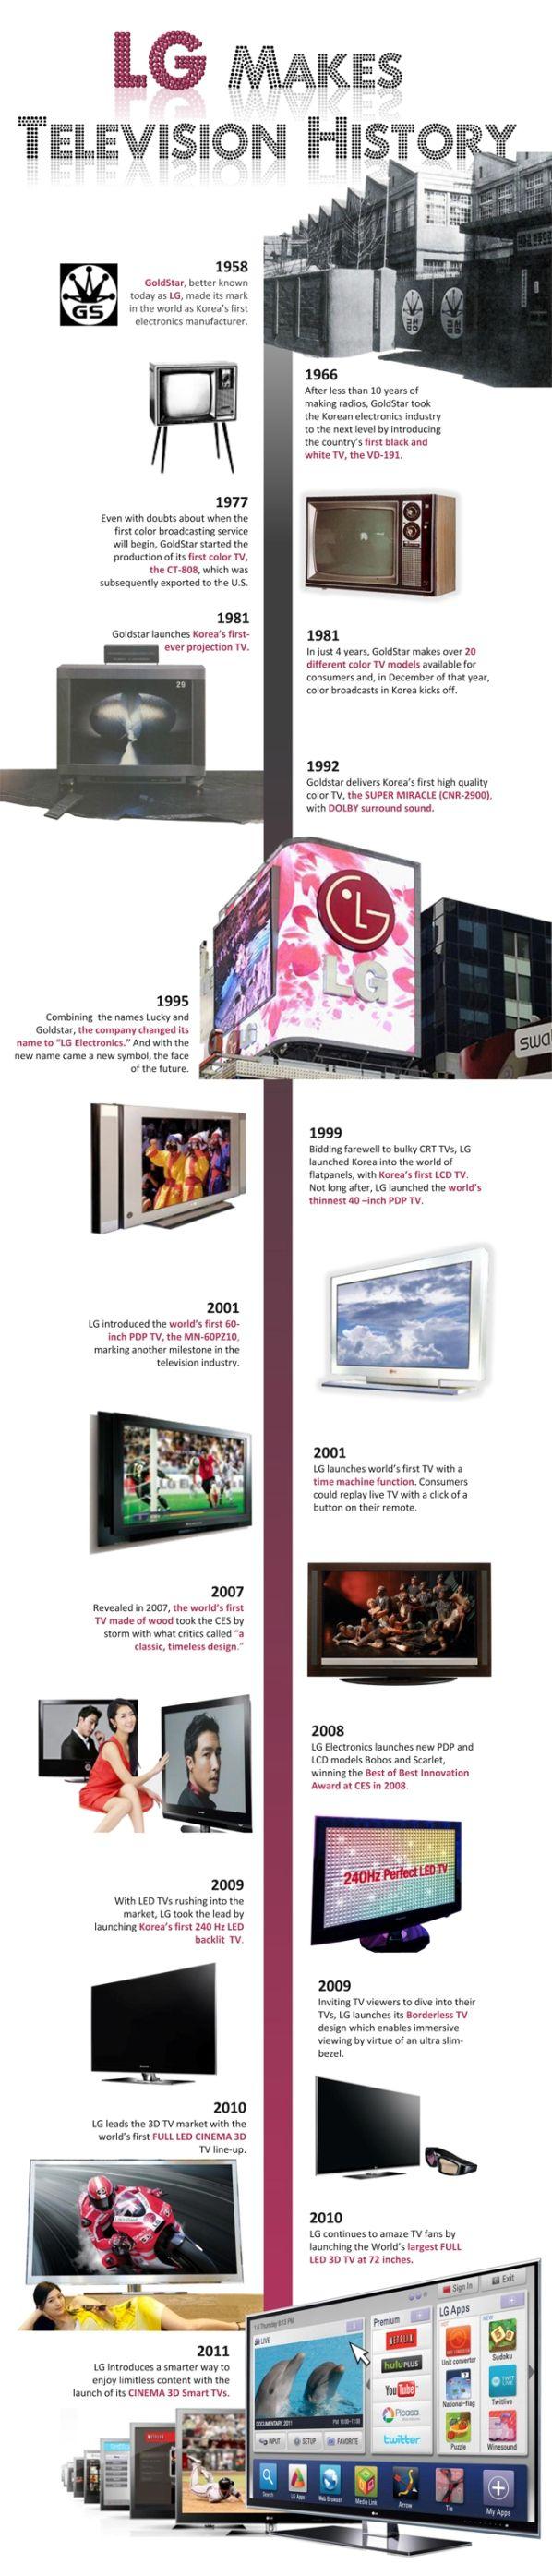 LG television history